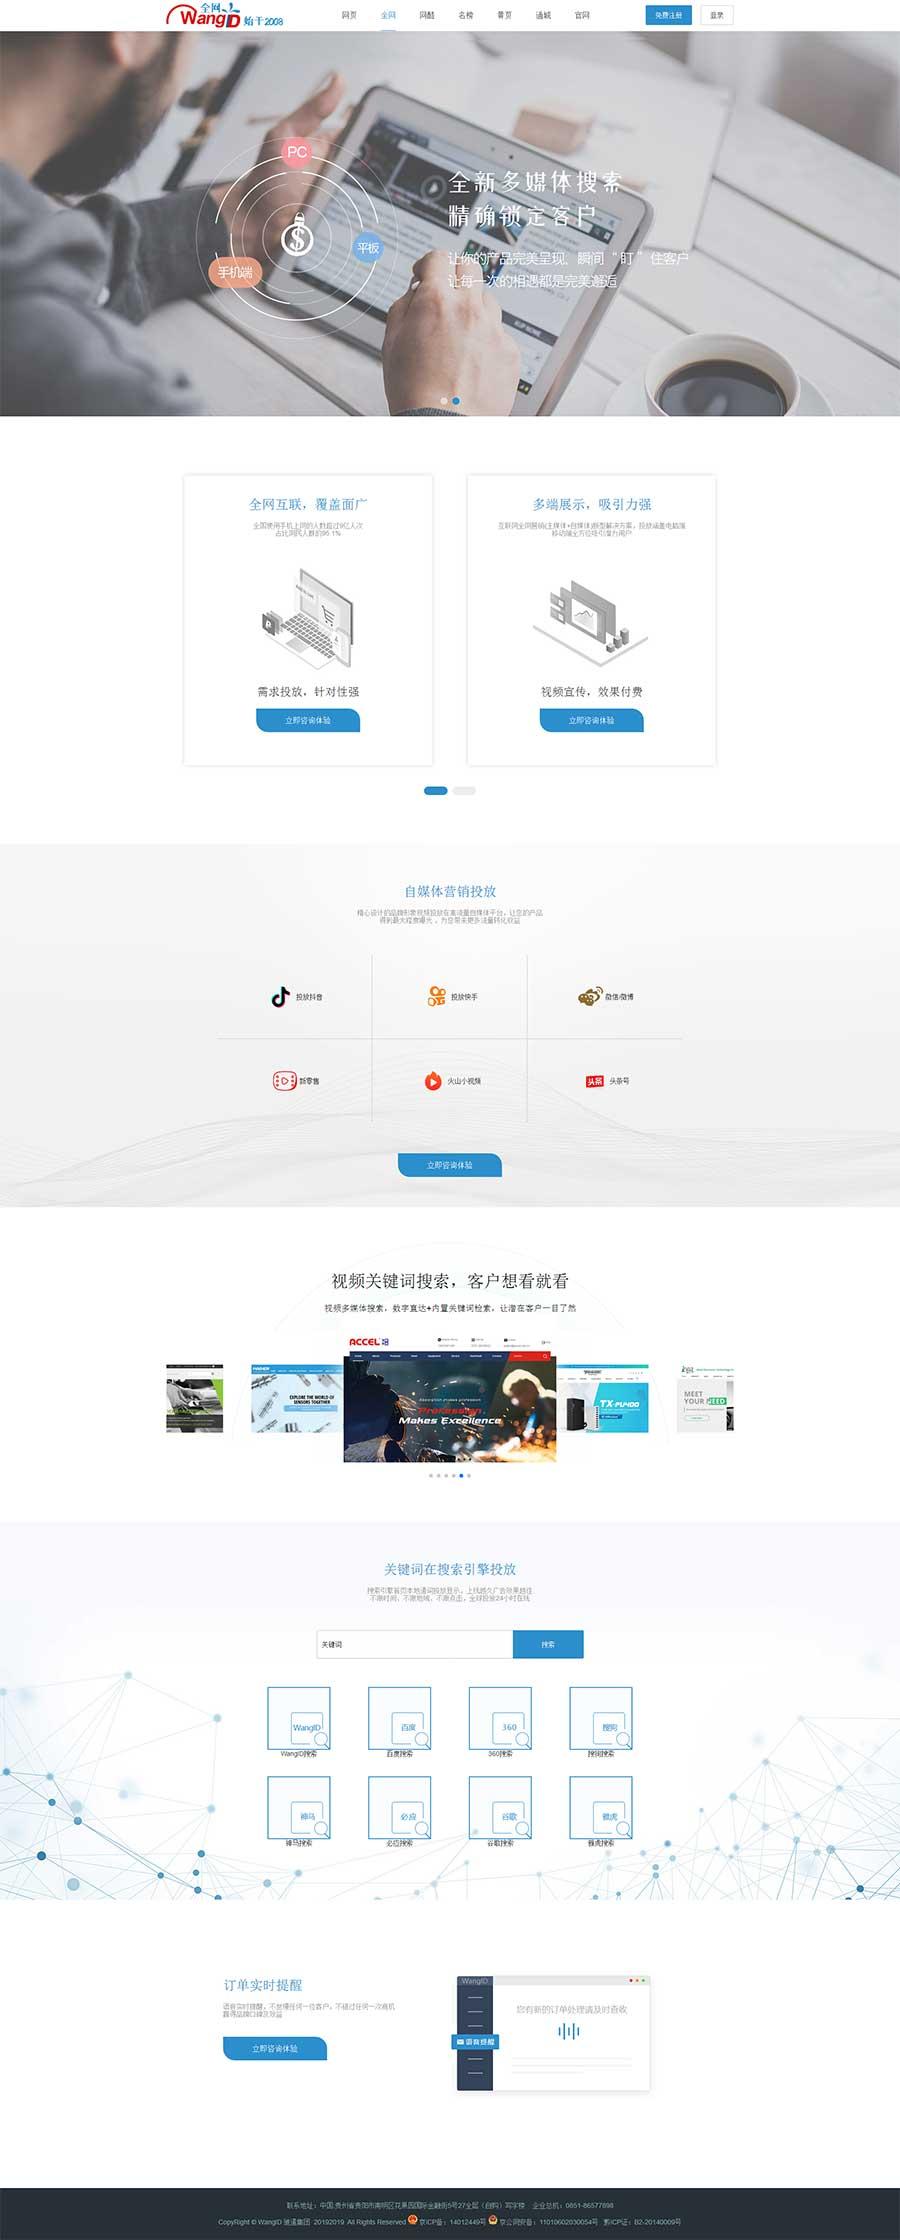 蓝色风格自媒体网络营销推广活动专题页面模板